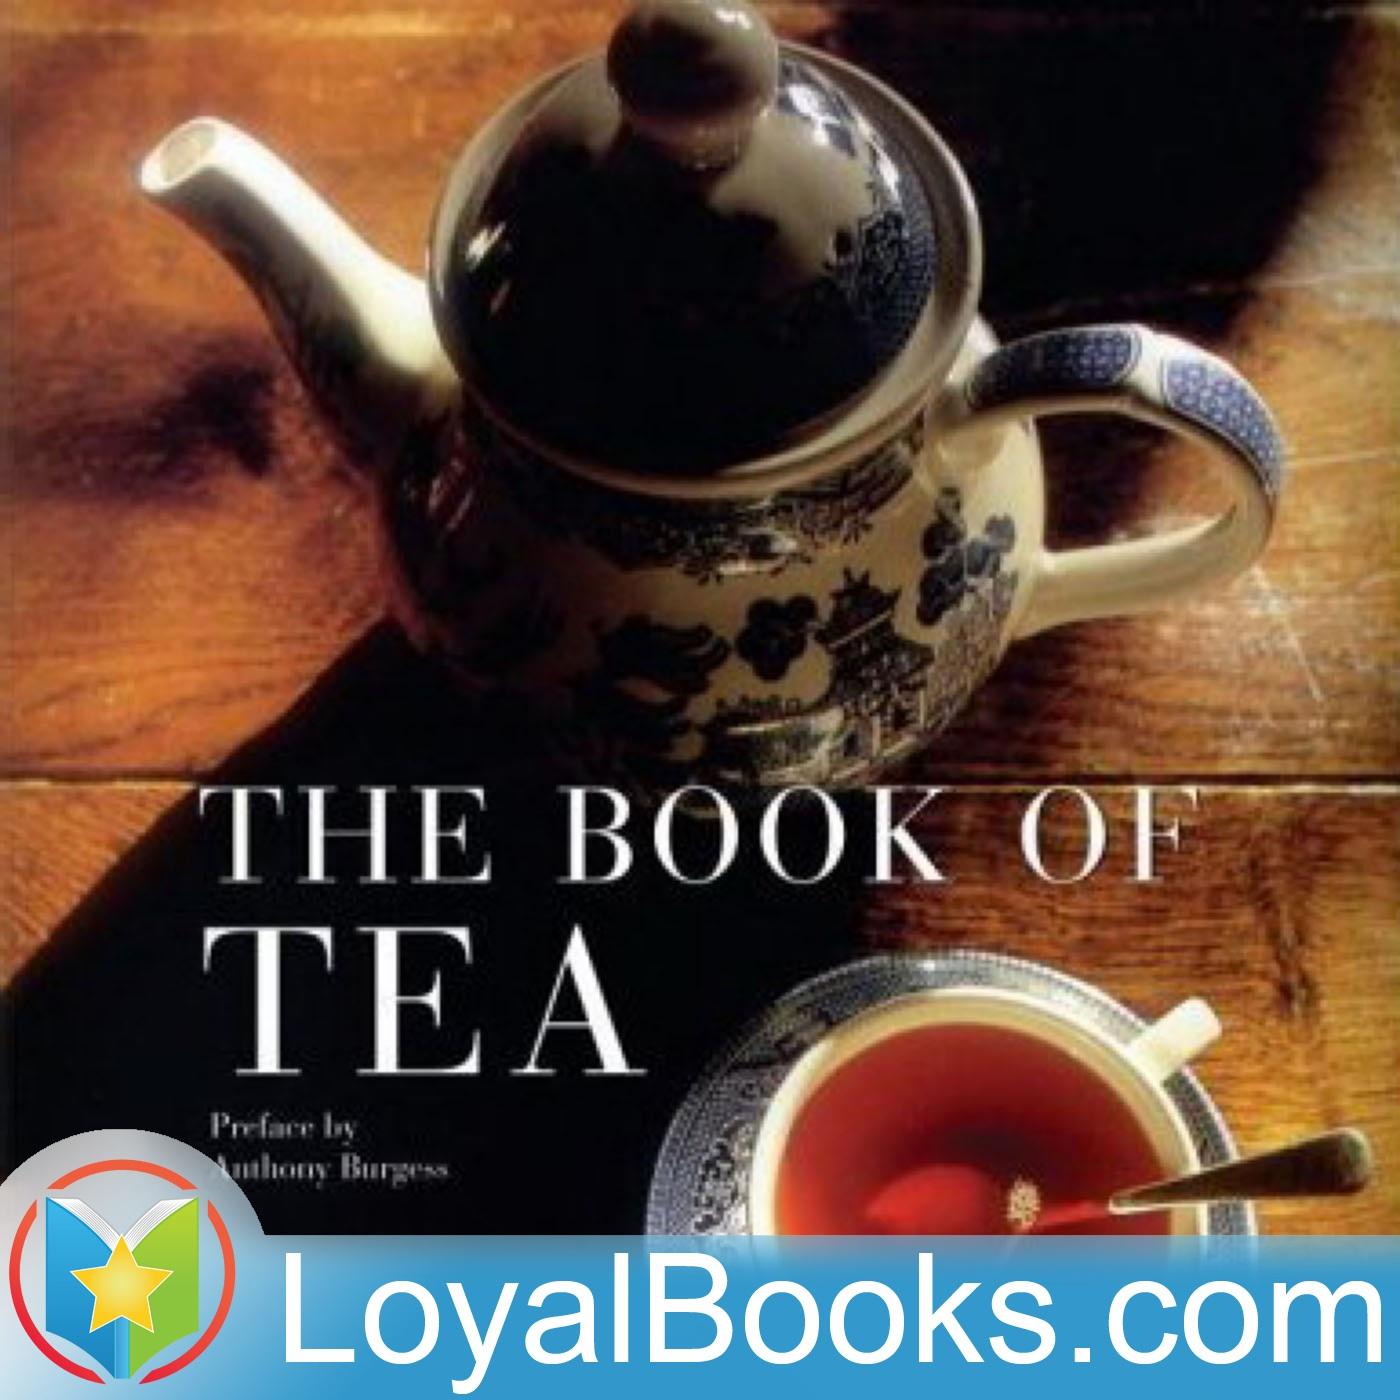 <![CDATA[The Book of Tea by Okakura Kakuzo]]>